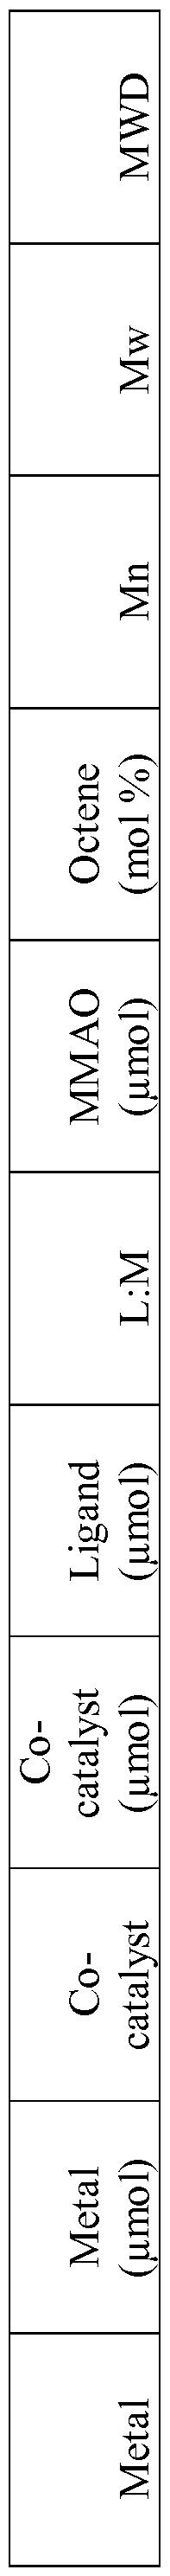 Figure imgf000080_0005